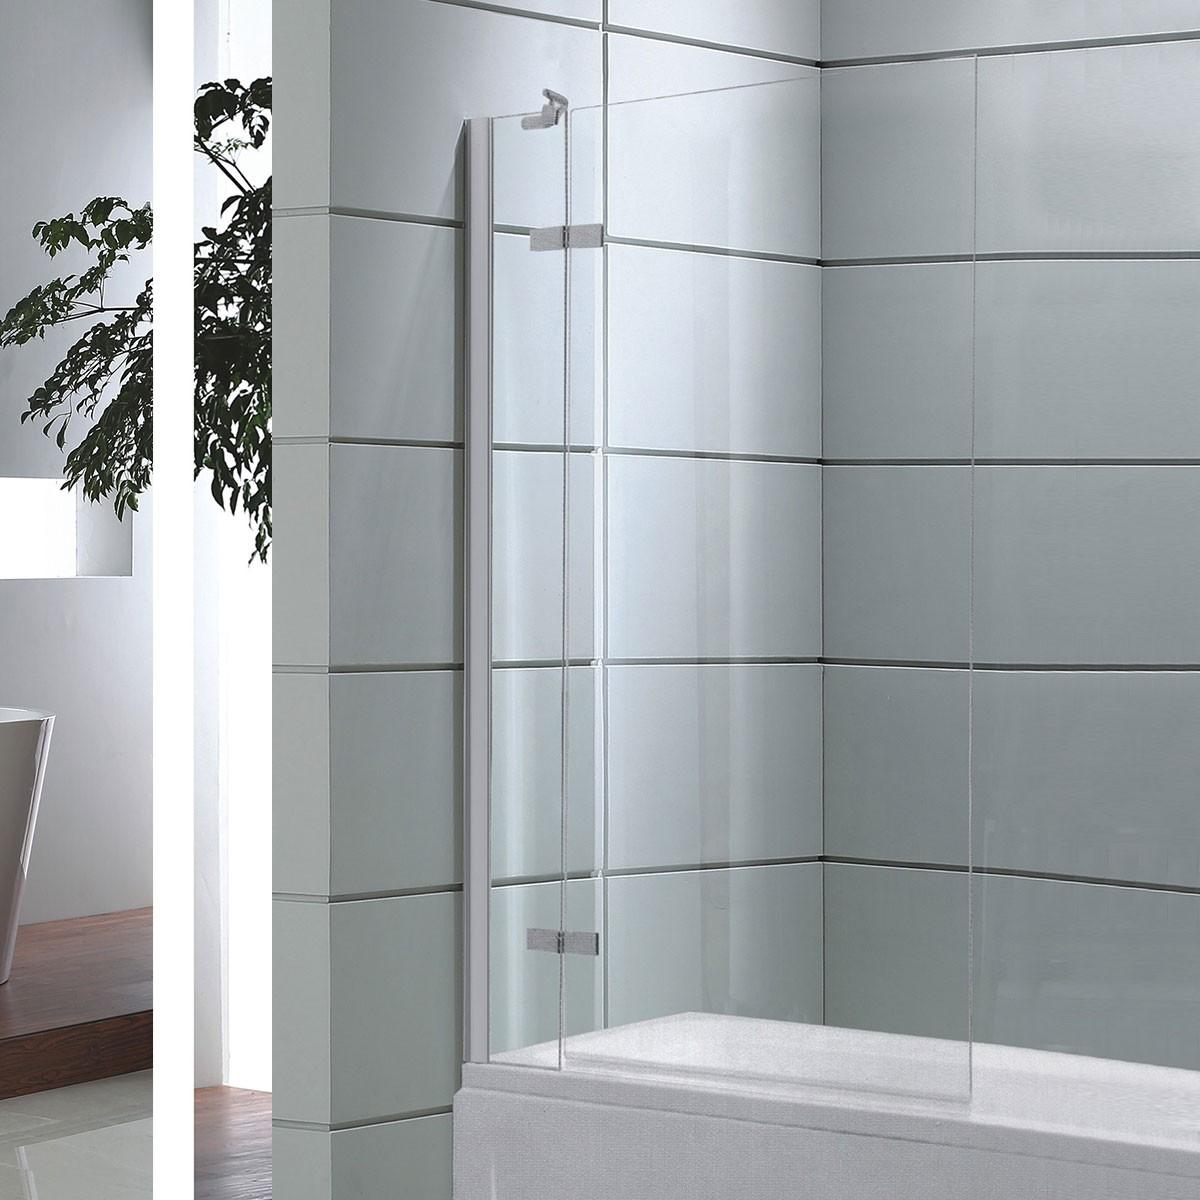 39 In. Bathtub Swivel Panel  (DK-SC023)